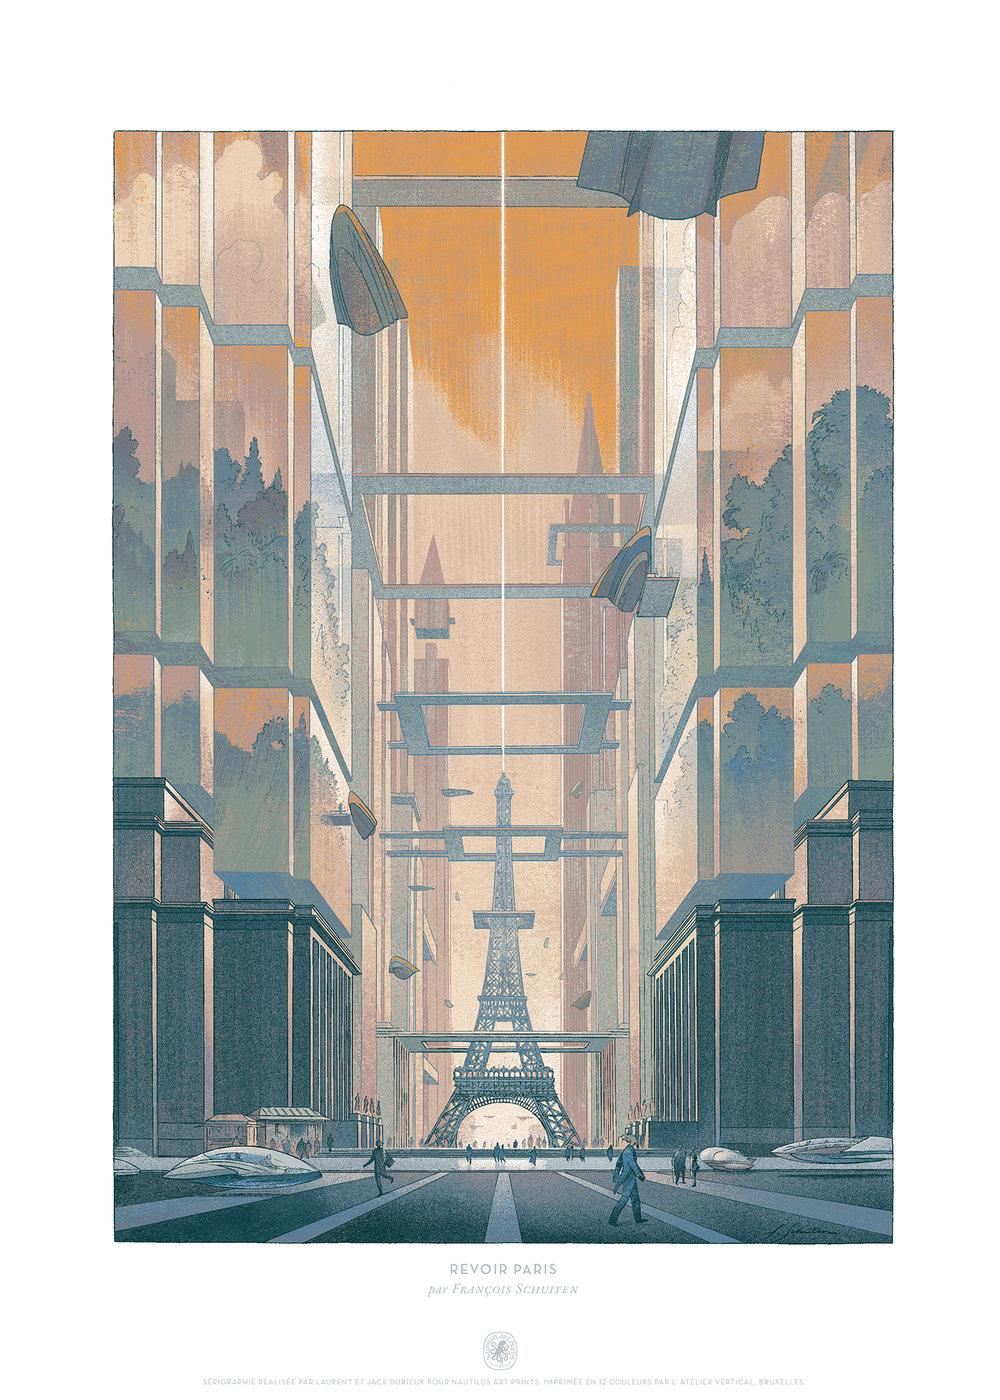 Revoir Paris affiche.jpg